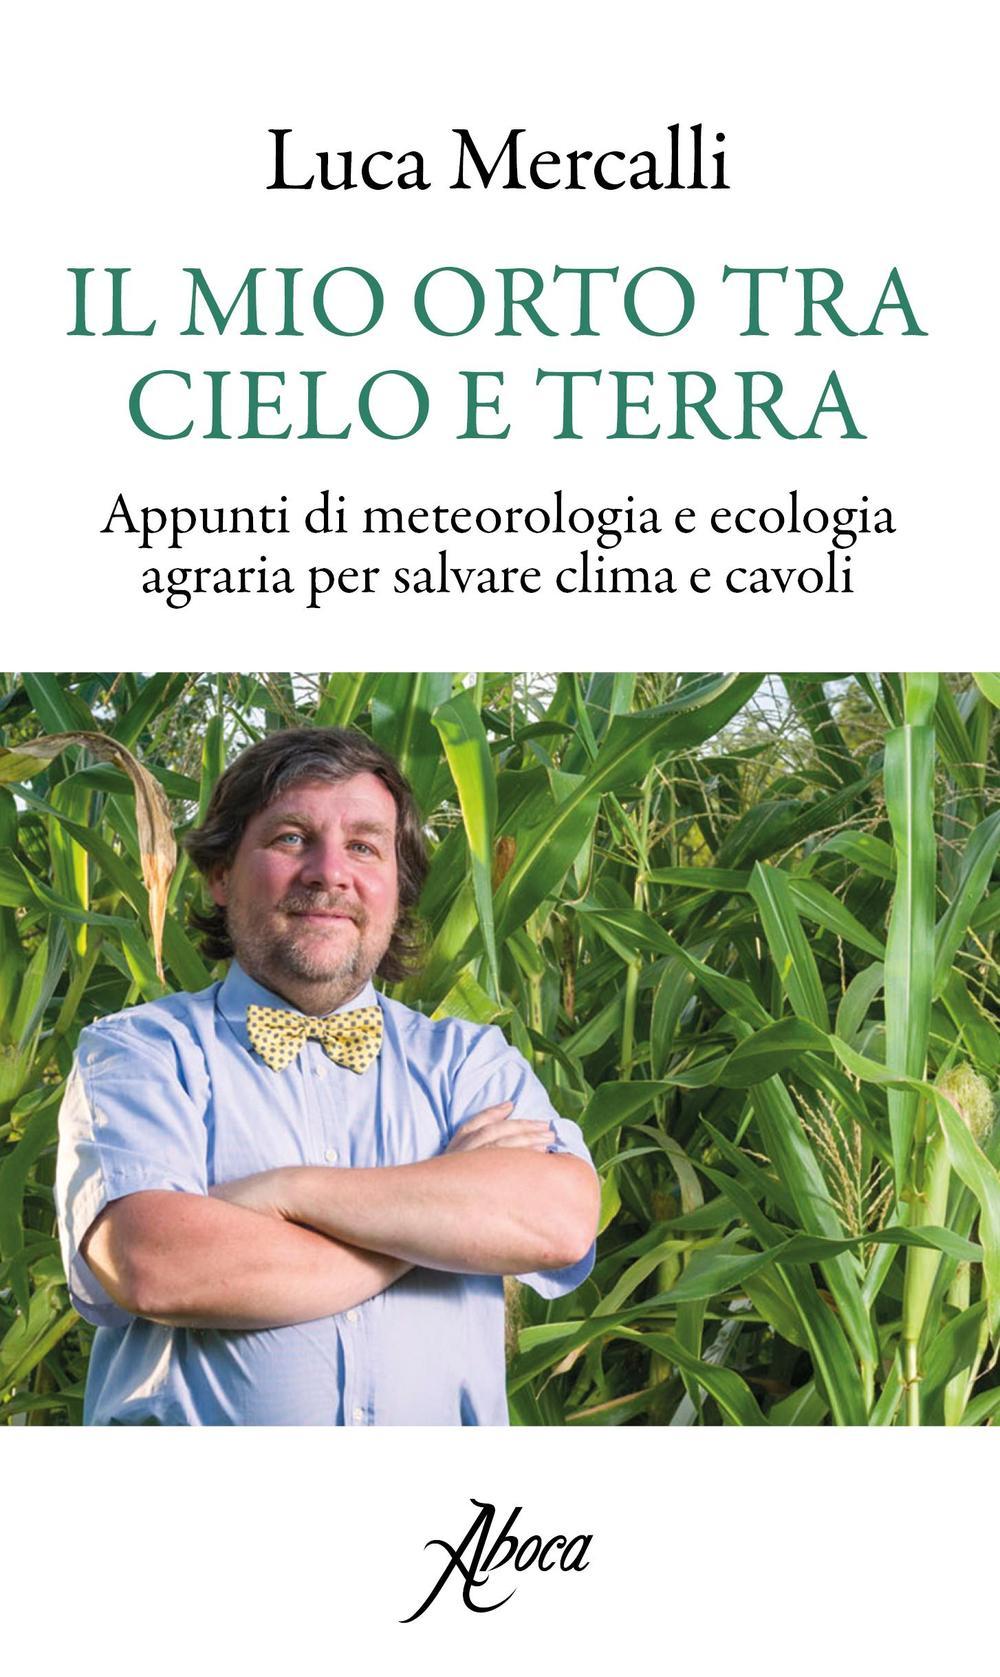 MIO ORTO TRA CIELO E TERRA. APPUNTI DI METEOROLOGIA E ECOLOGIA AGRARIA PER SALVARE CLIMA E CAVOLI (IL) - 9788898881208